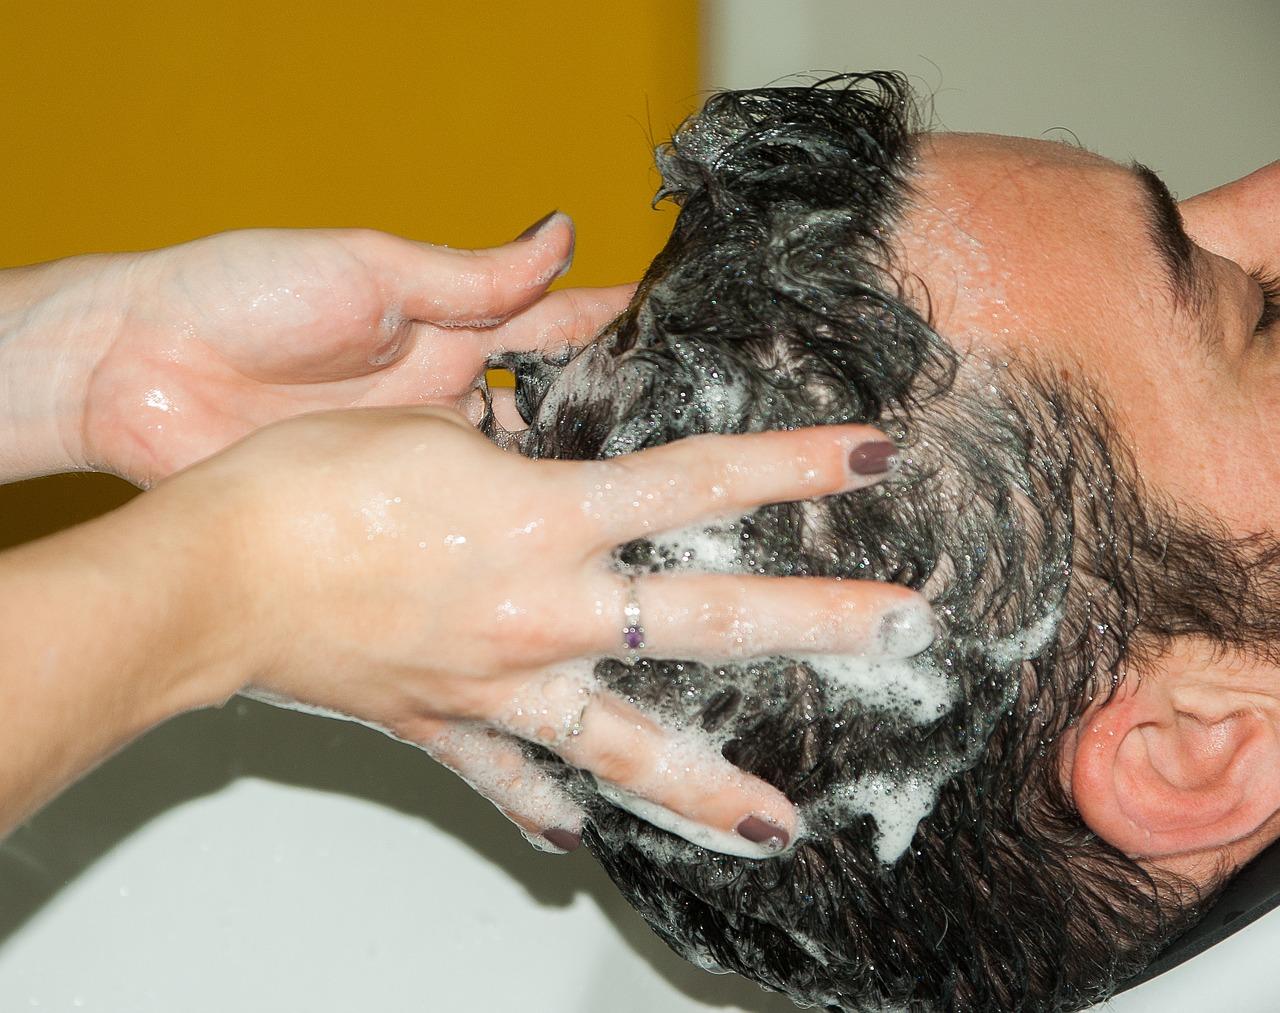 hogyan kell kezelni a pikkelysmrt a fej samponokon